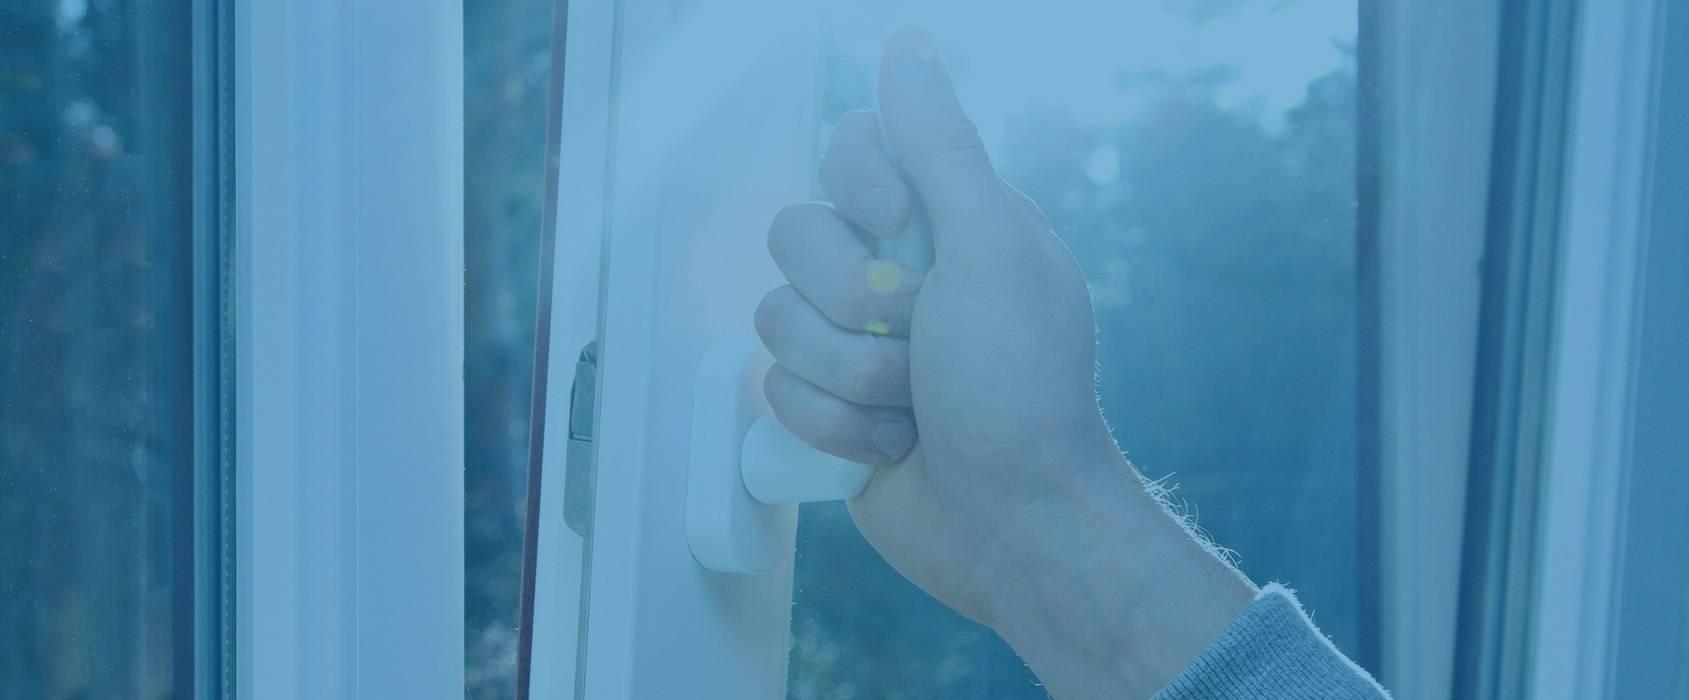 hand opening double glazing window handle